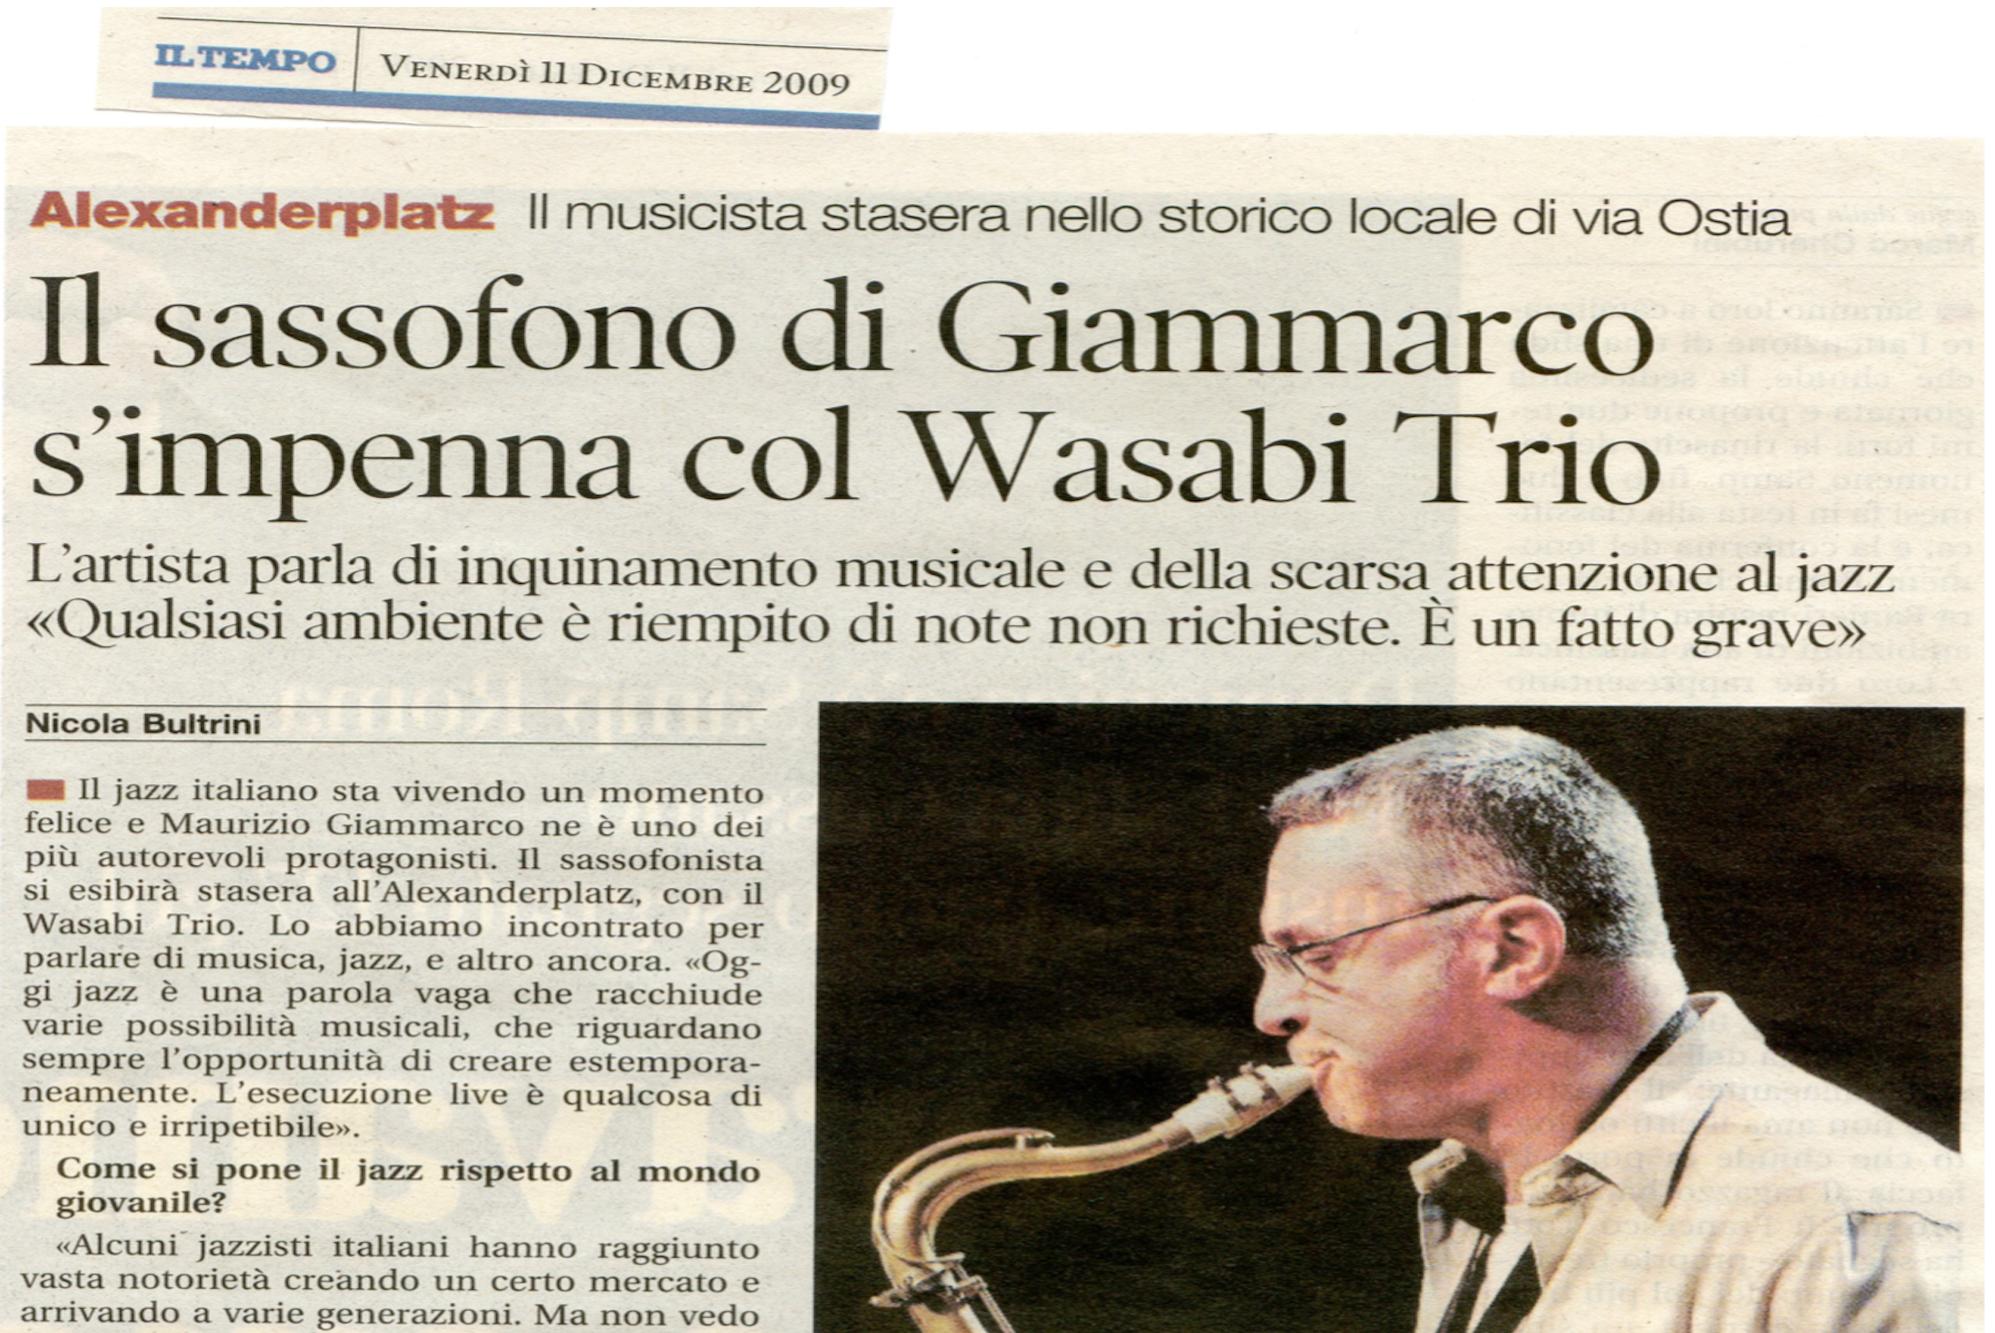 Il sassofono di Giammarco s'impenna col Wasabi Trio – Il Tempo